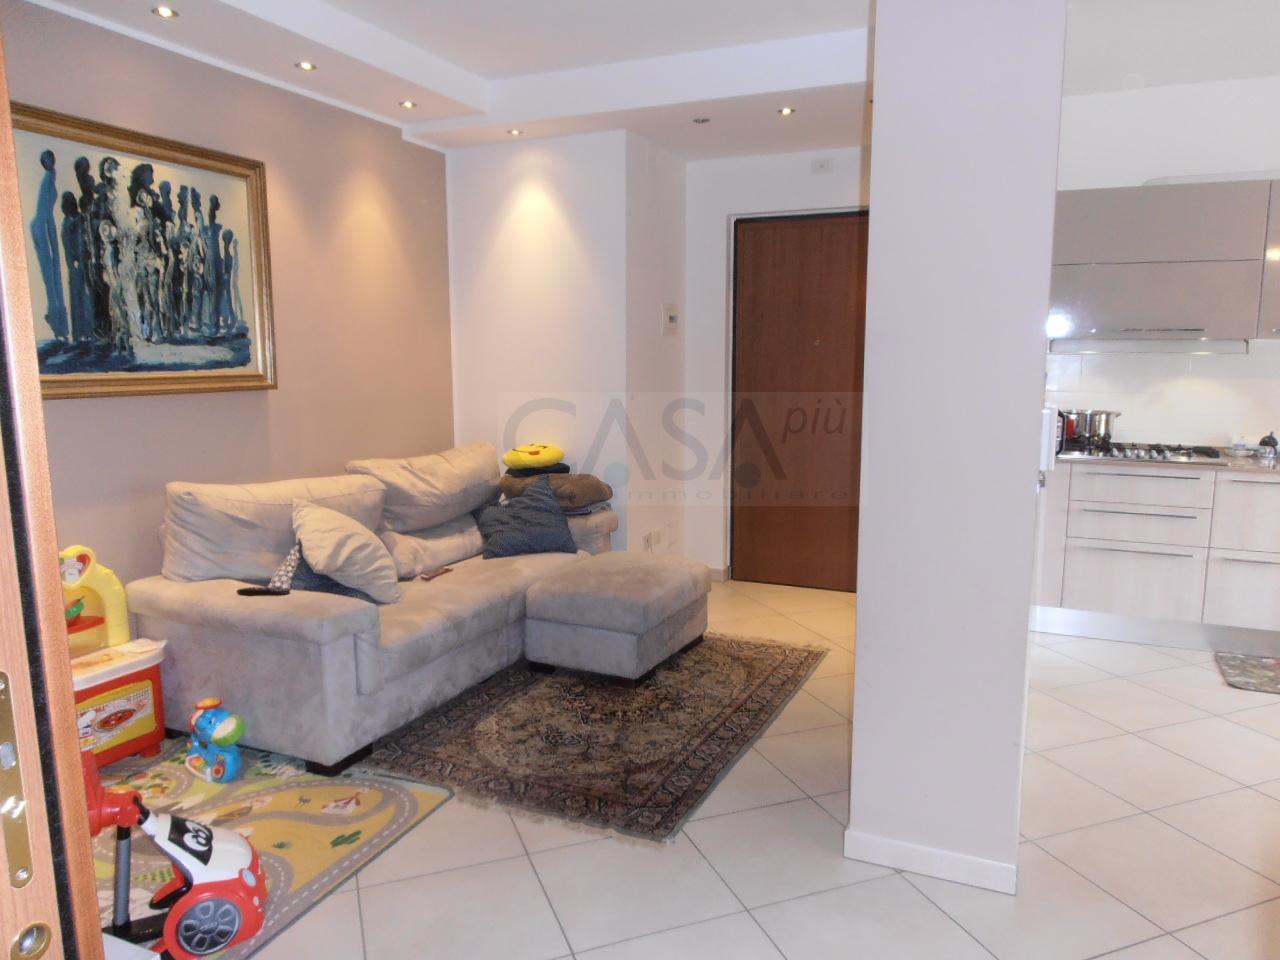 Appartamento in vendita a Monteprandone, 3 locali, prezzo € 145.000 | CambioCasa.it